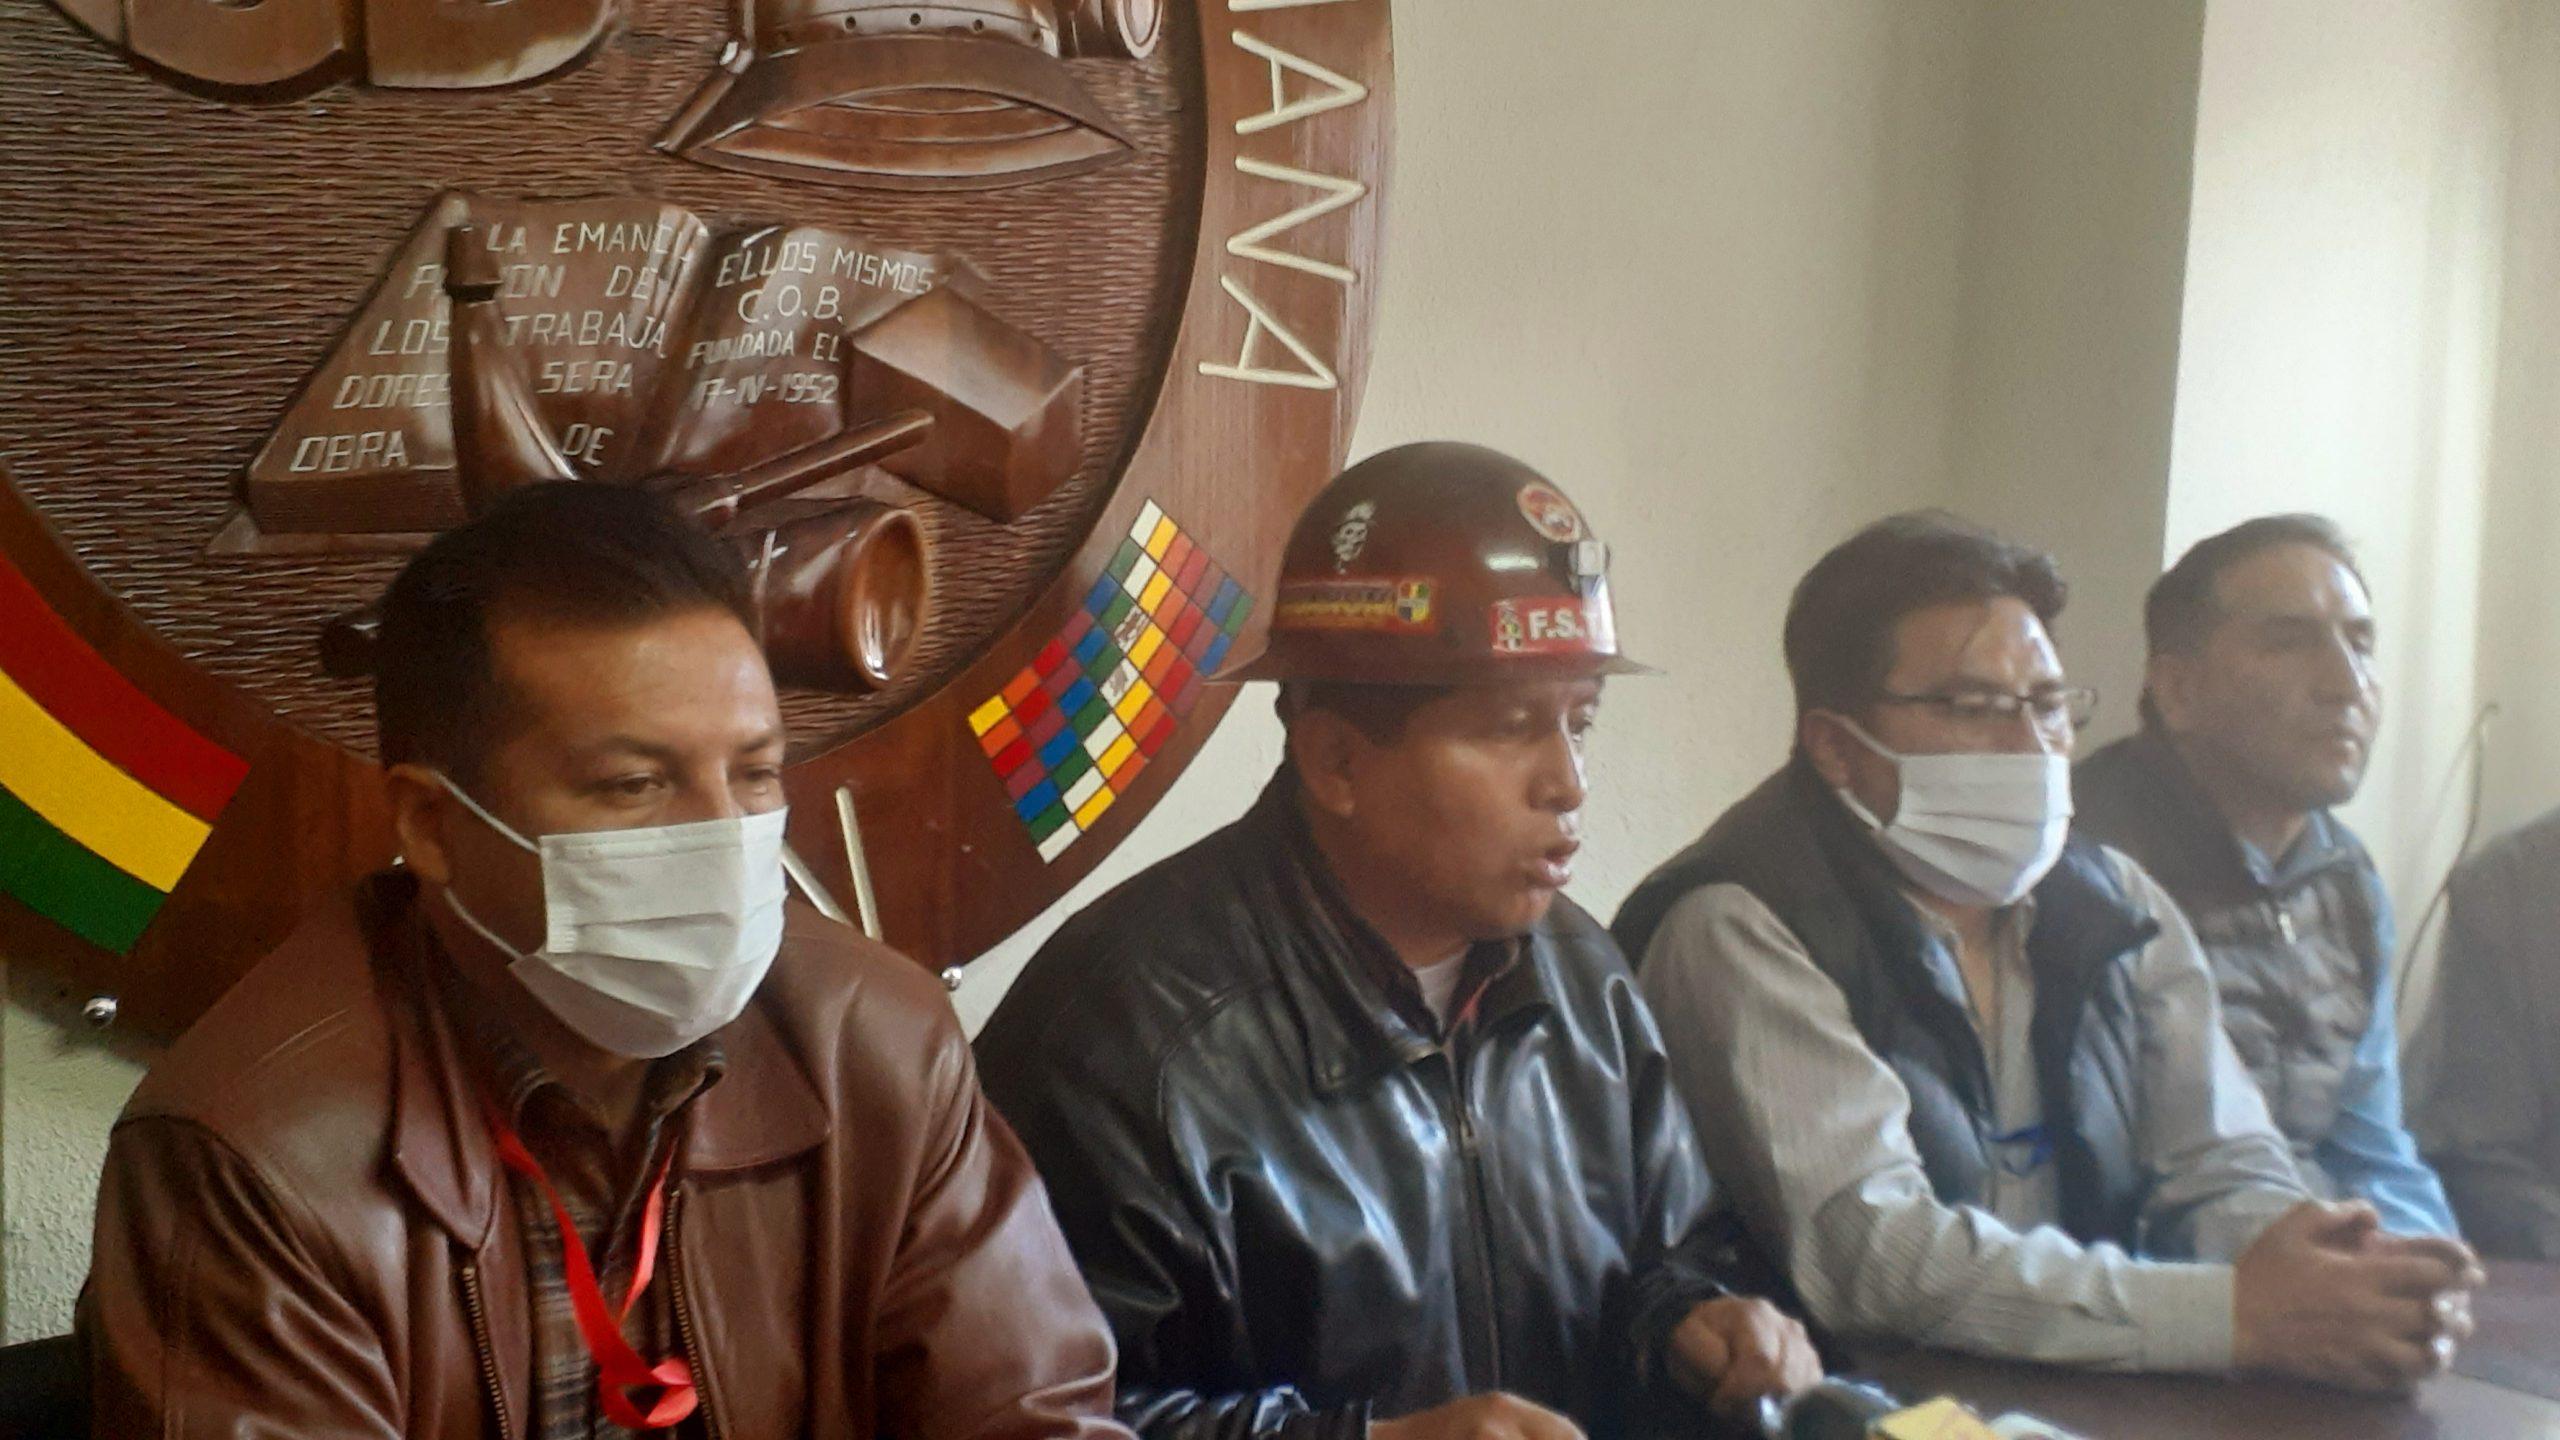 La COB confía en el Gobierno  y esperan pronta reestructuración del estado a un mes del mandato de Arce Catacora